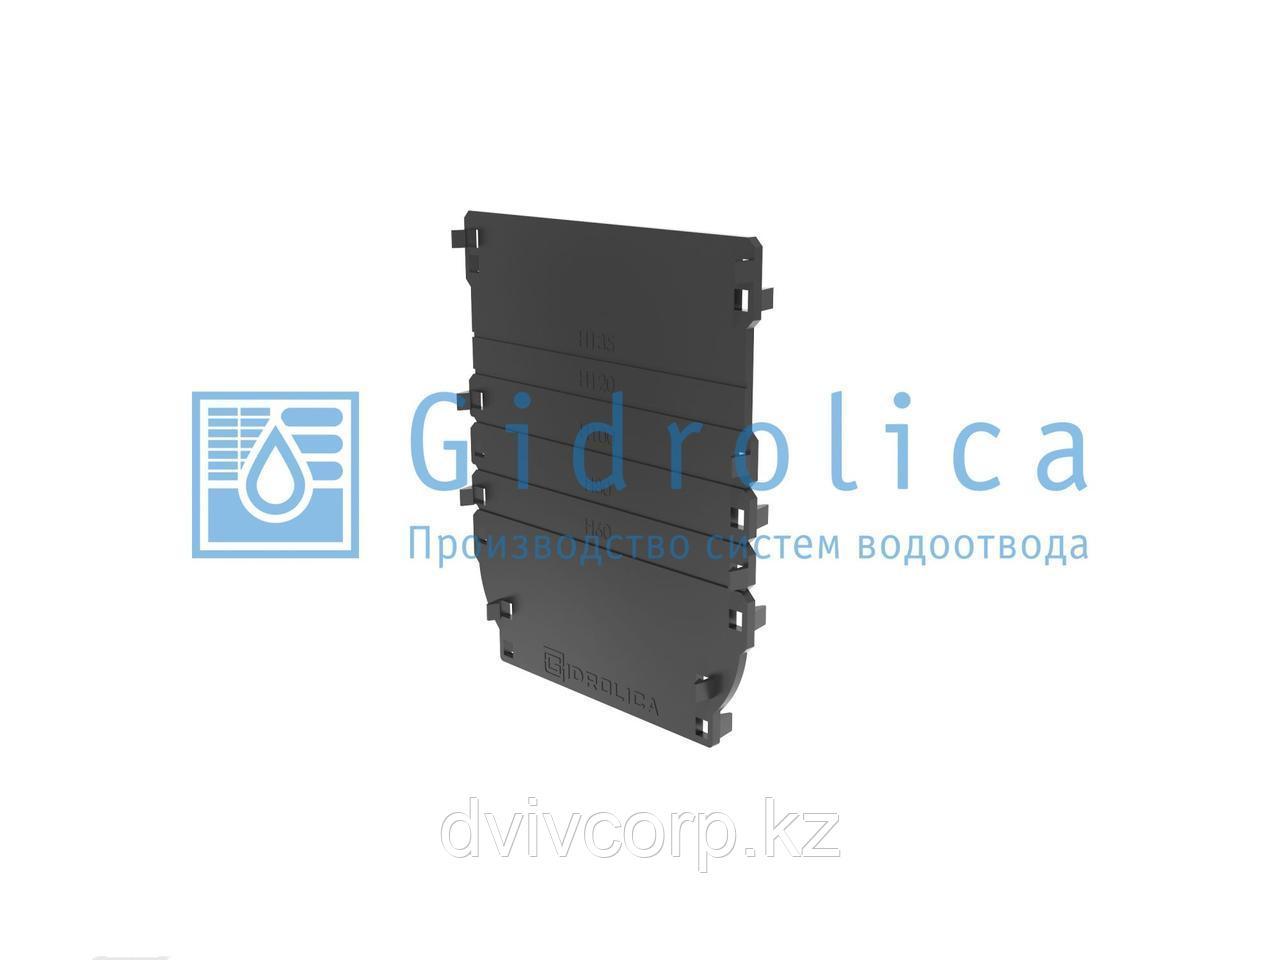 Арт. 18101 Торцевая заглушка универсальная для лотка водоотводного Gidrolica Standart/Standart Plus DN100,